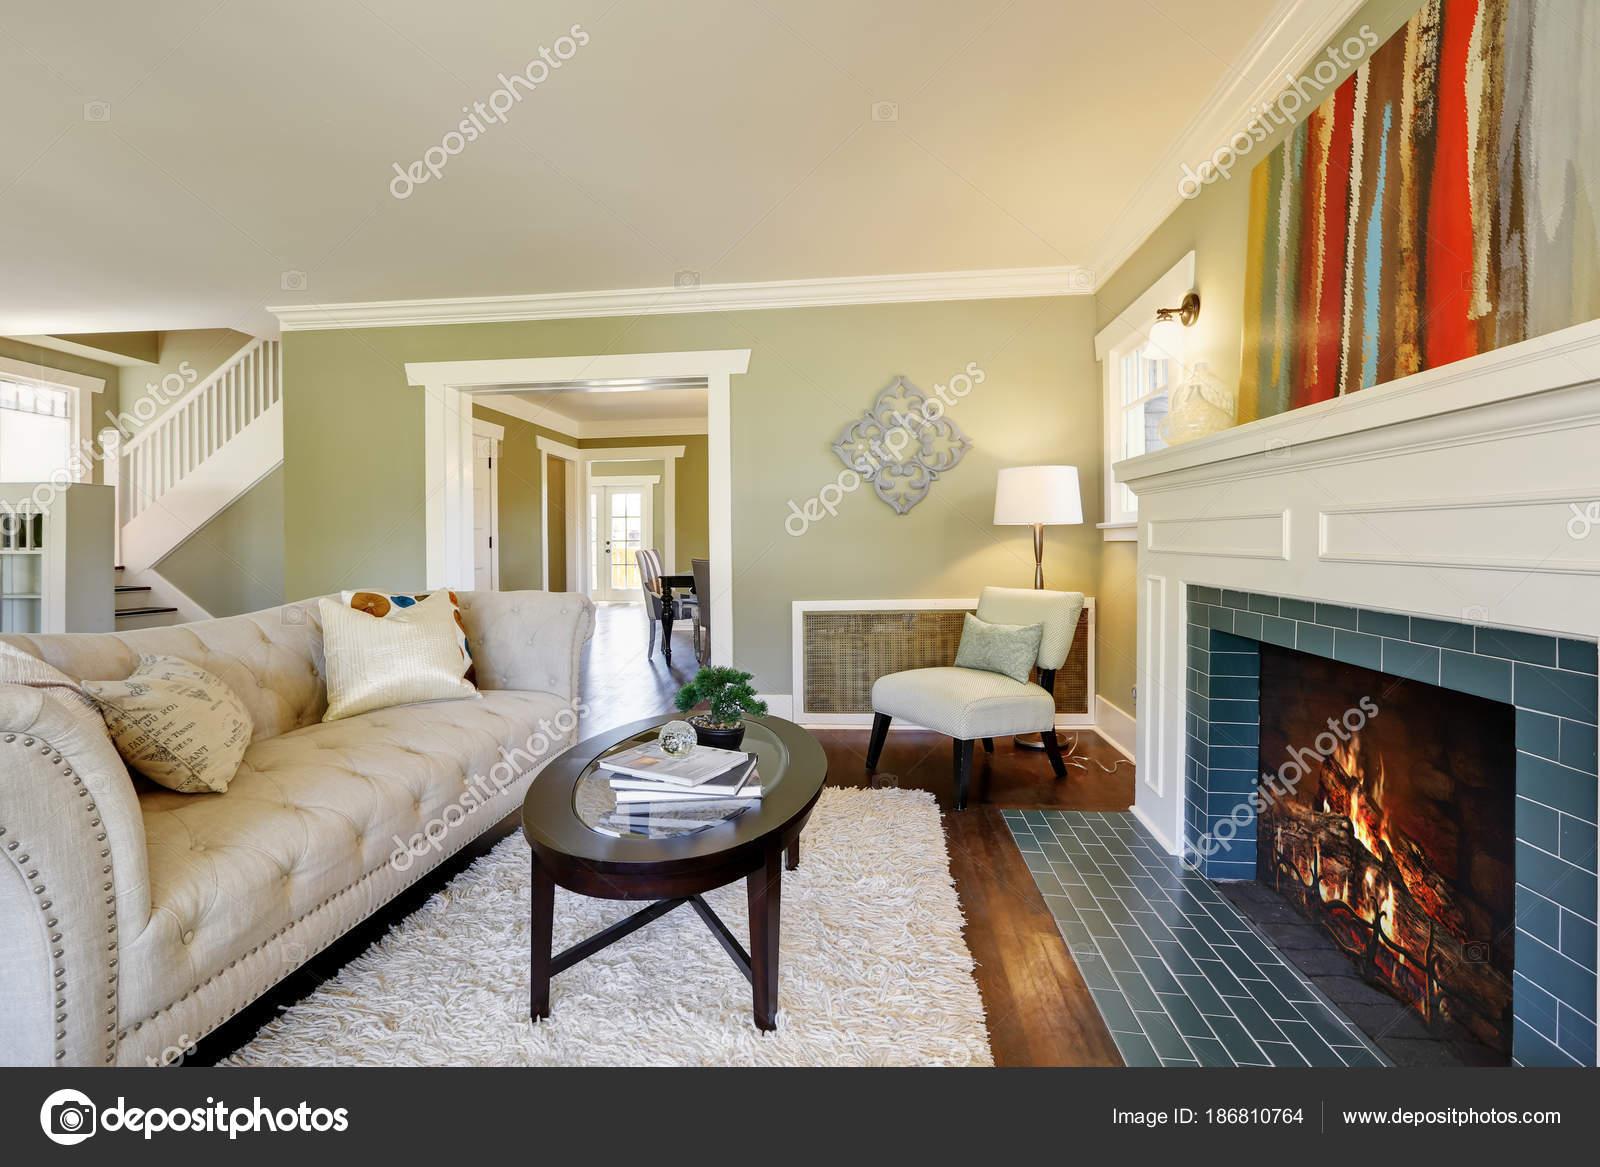 Chique groene woonkamer met een traditionele open haard — Stockfoto ...